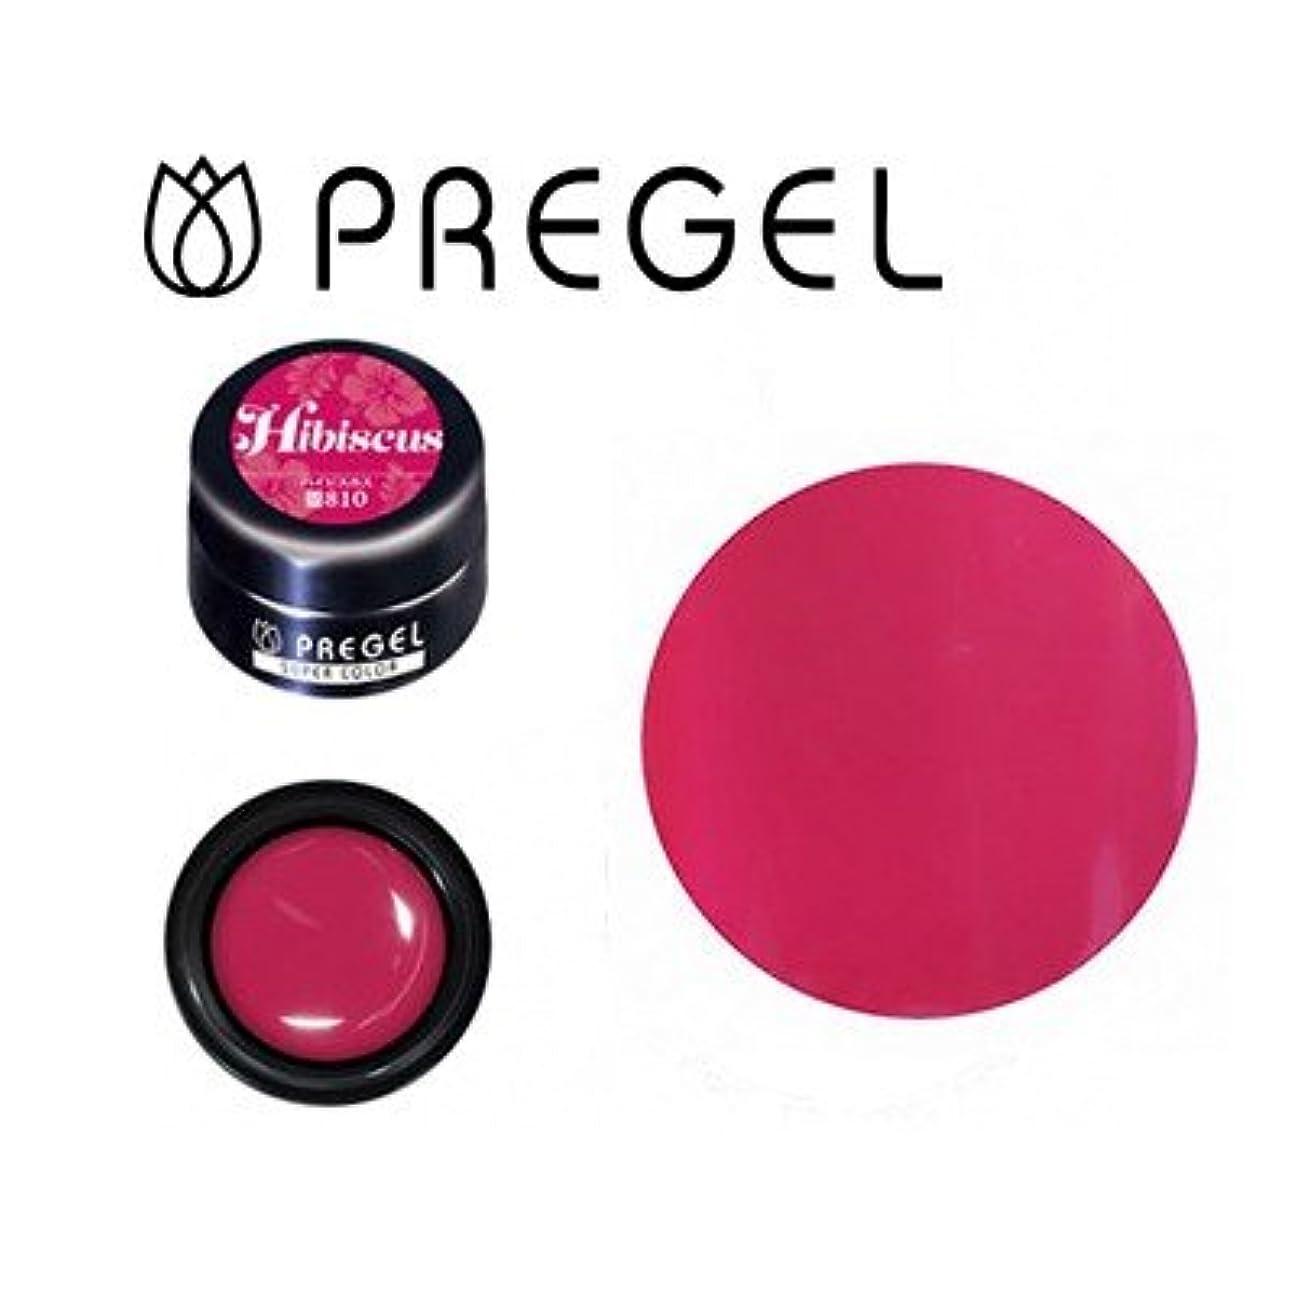 汚い極端な中央値ジェルネイル カラージェル プリジェル PREGEL スーパーカラーEX PG-SE810 ハイビスカス 3g